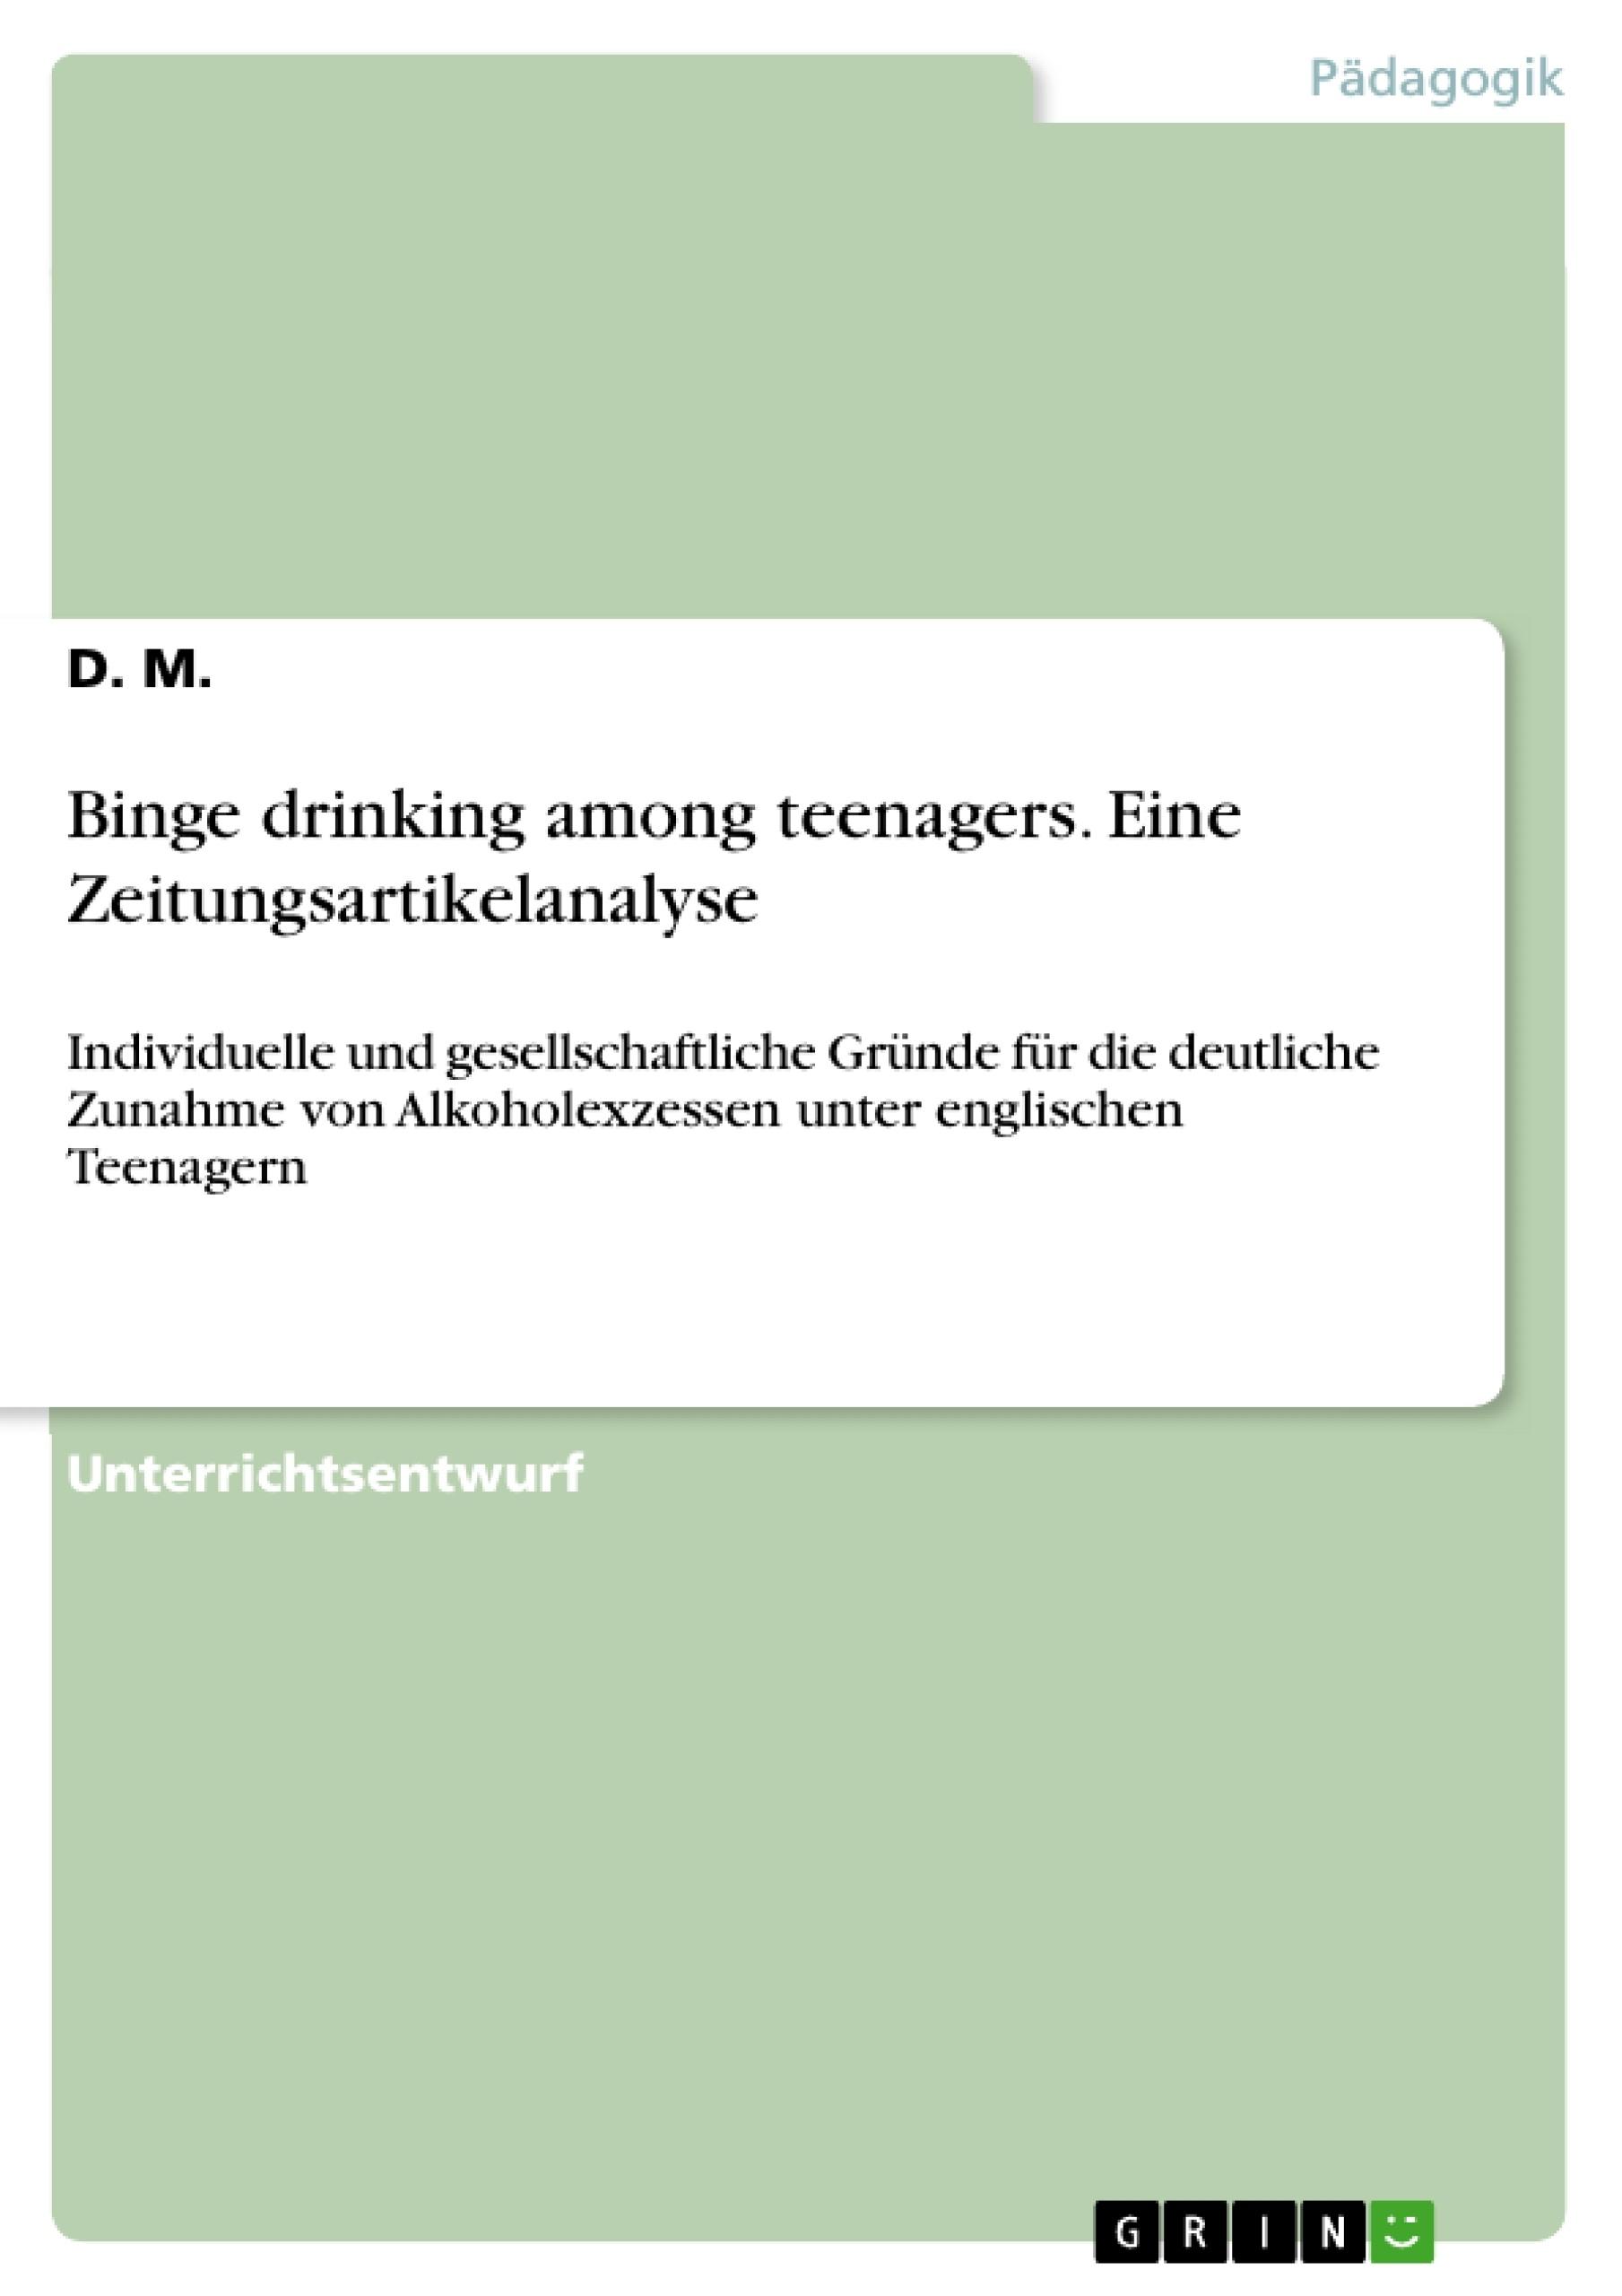 Titel: Binge drinking among teenagers. Eine Zeitungsartikelanalyse